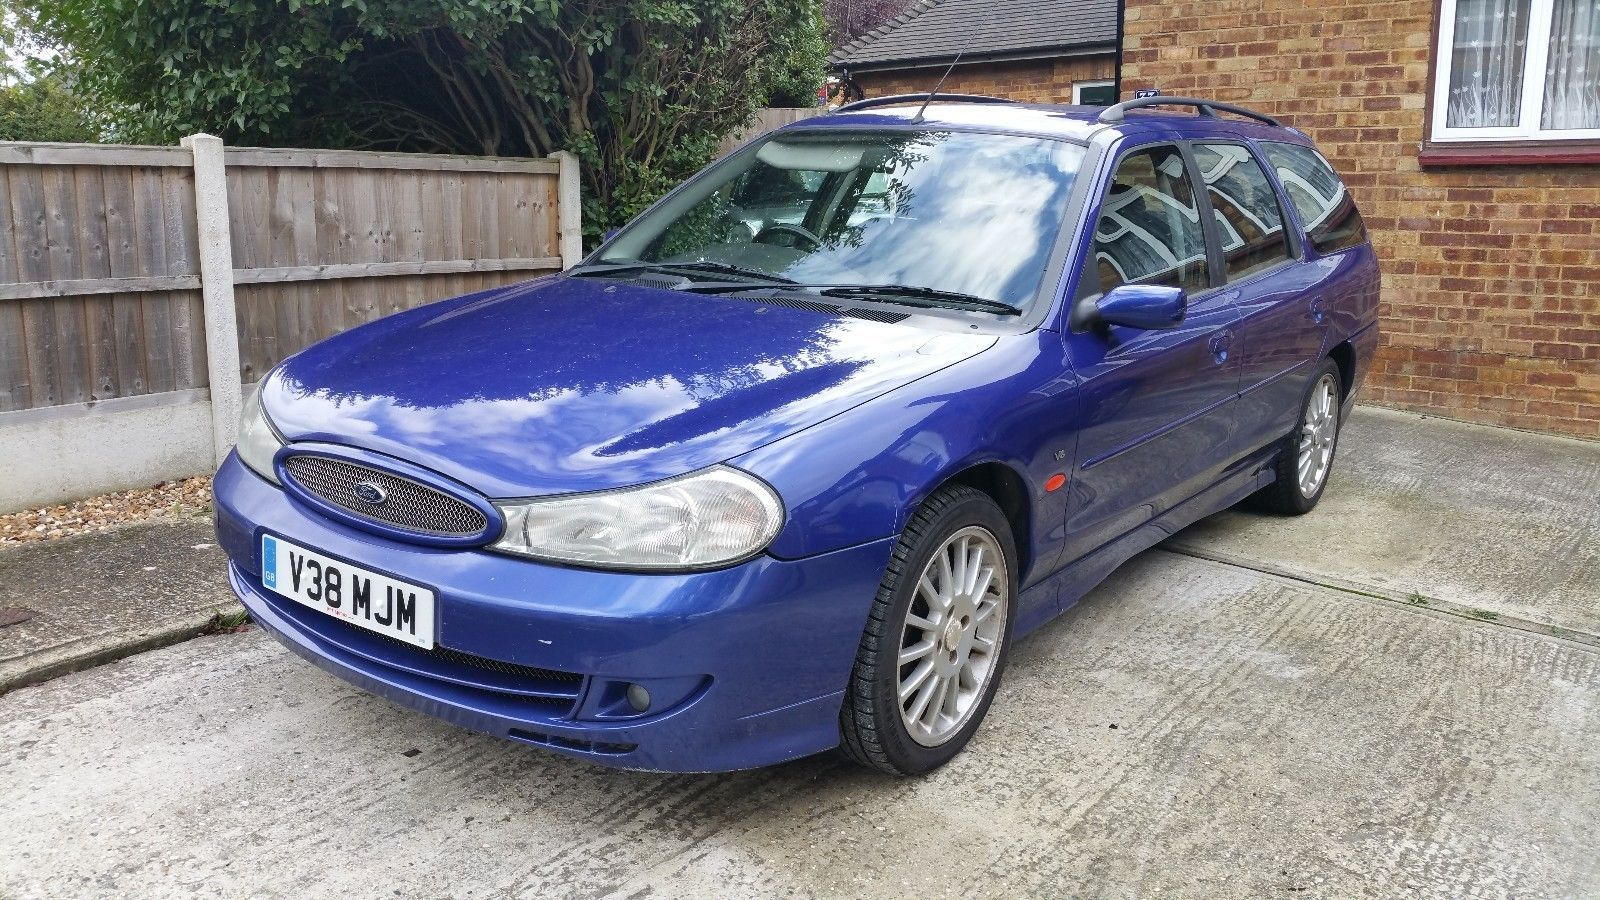 This Ford Mondeo Estate St200 2 5 V6 Blue 2000 V Reg Is For